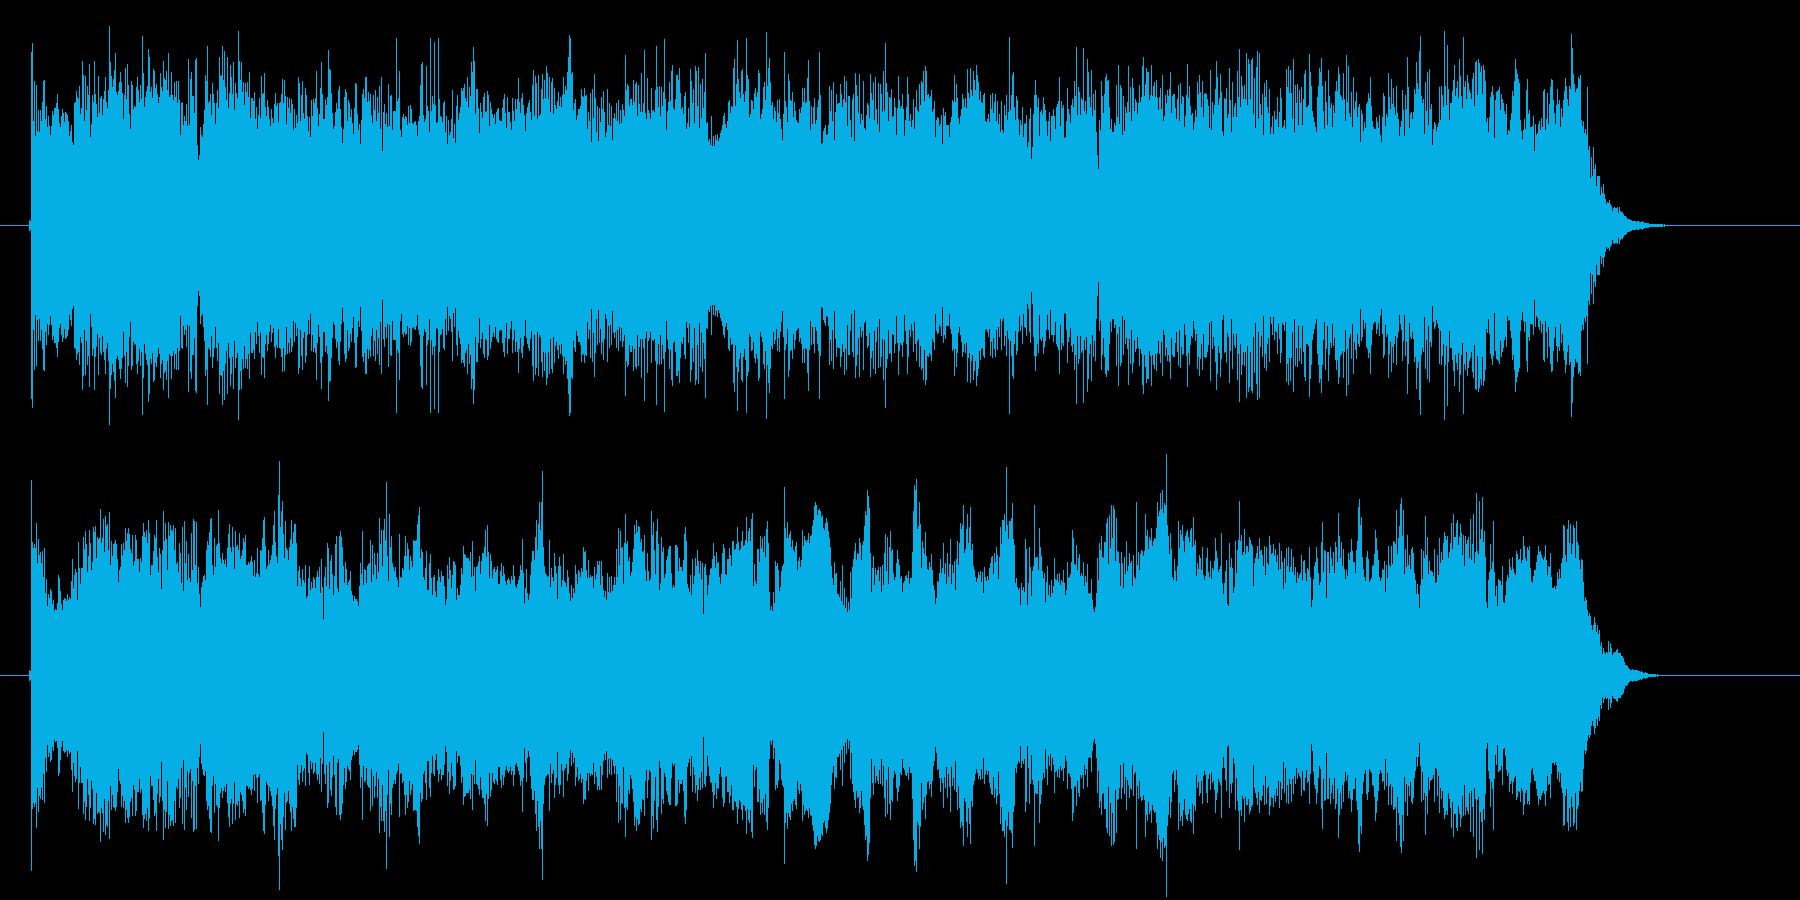 宇宙や近未来感の音(通信、マシーン)の再生済みの波形